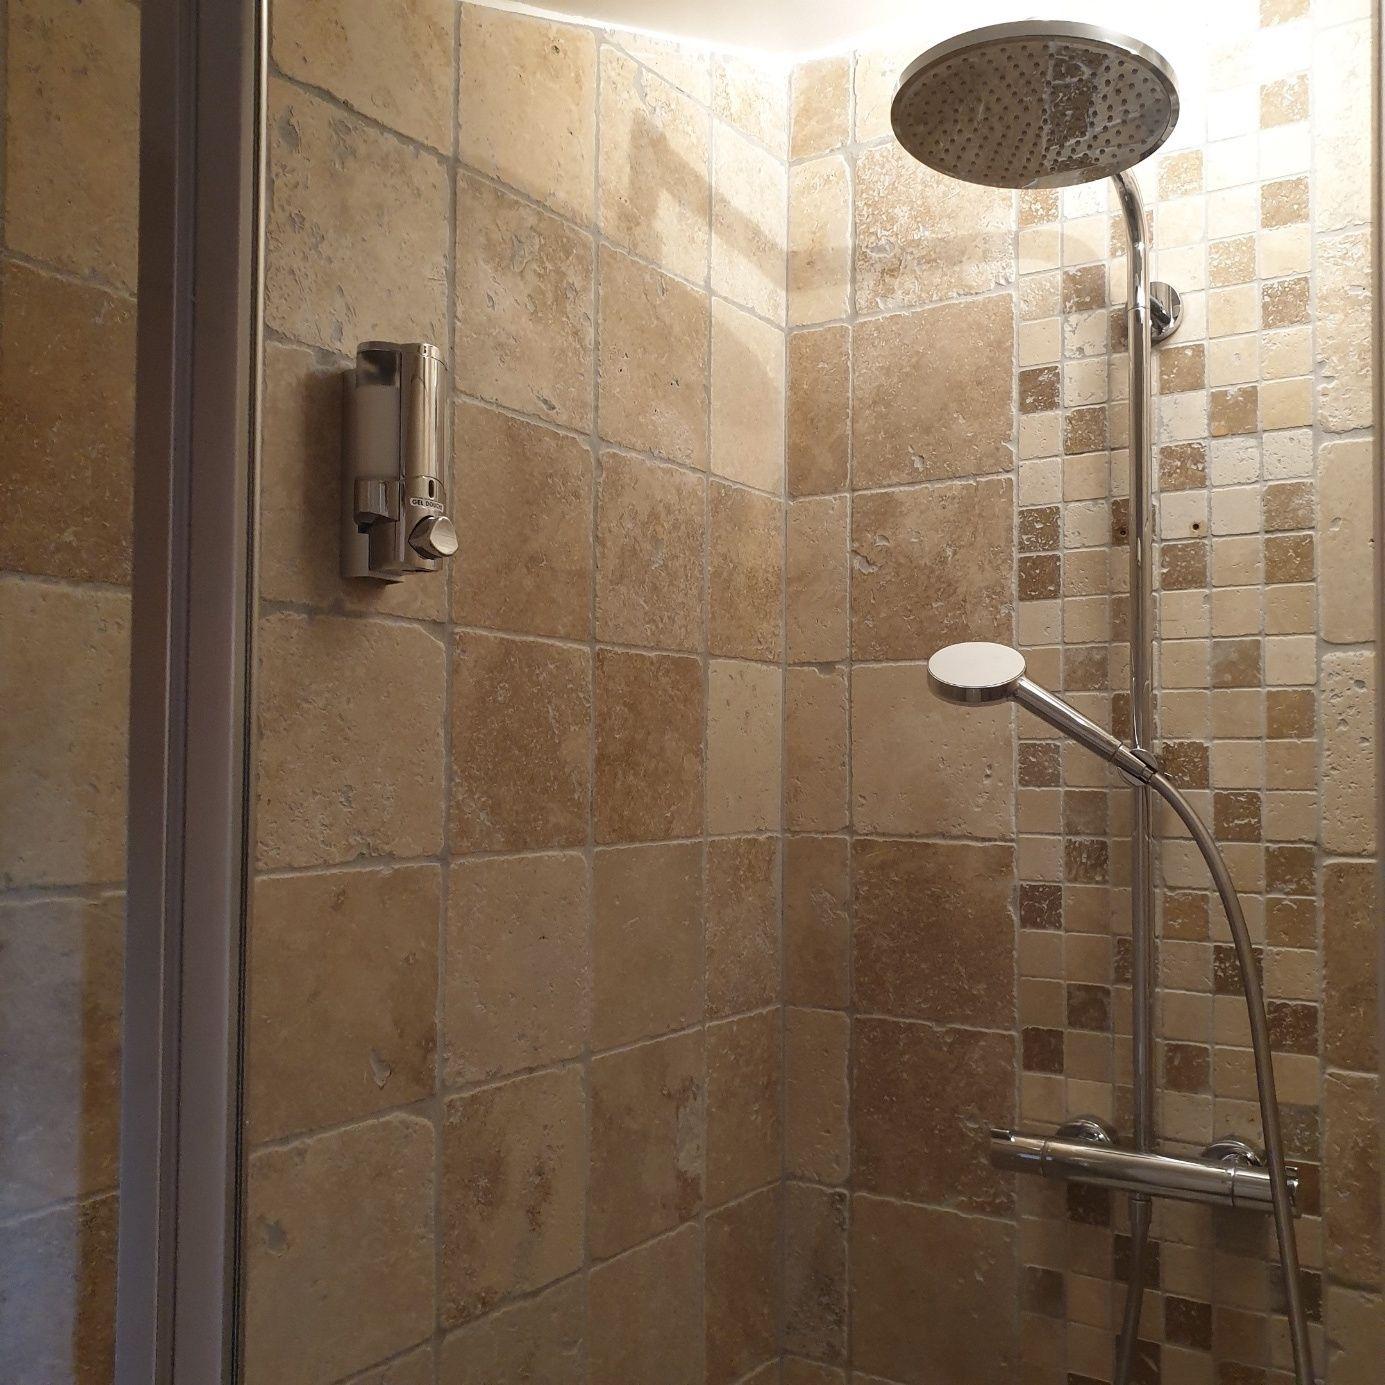 salle-de-bain-mas-reilhanette-chambres-d-hotes-de-charme-gite-etape-montbrun-provence